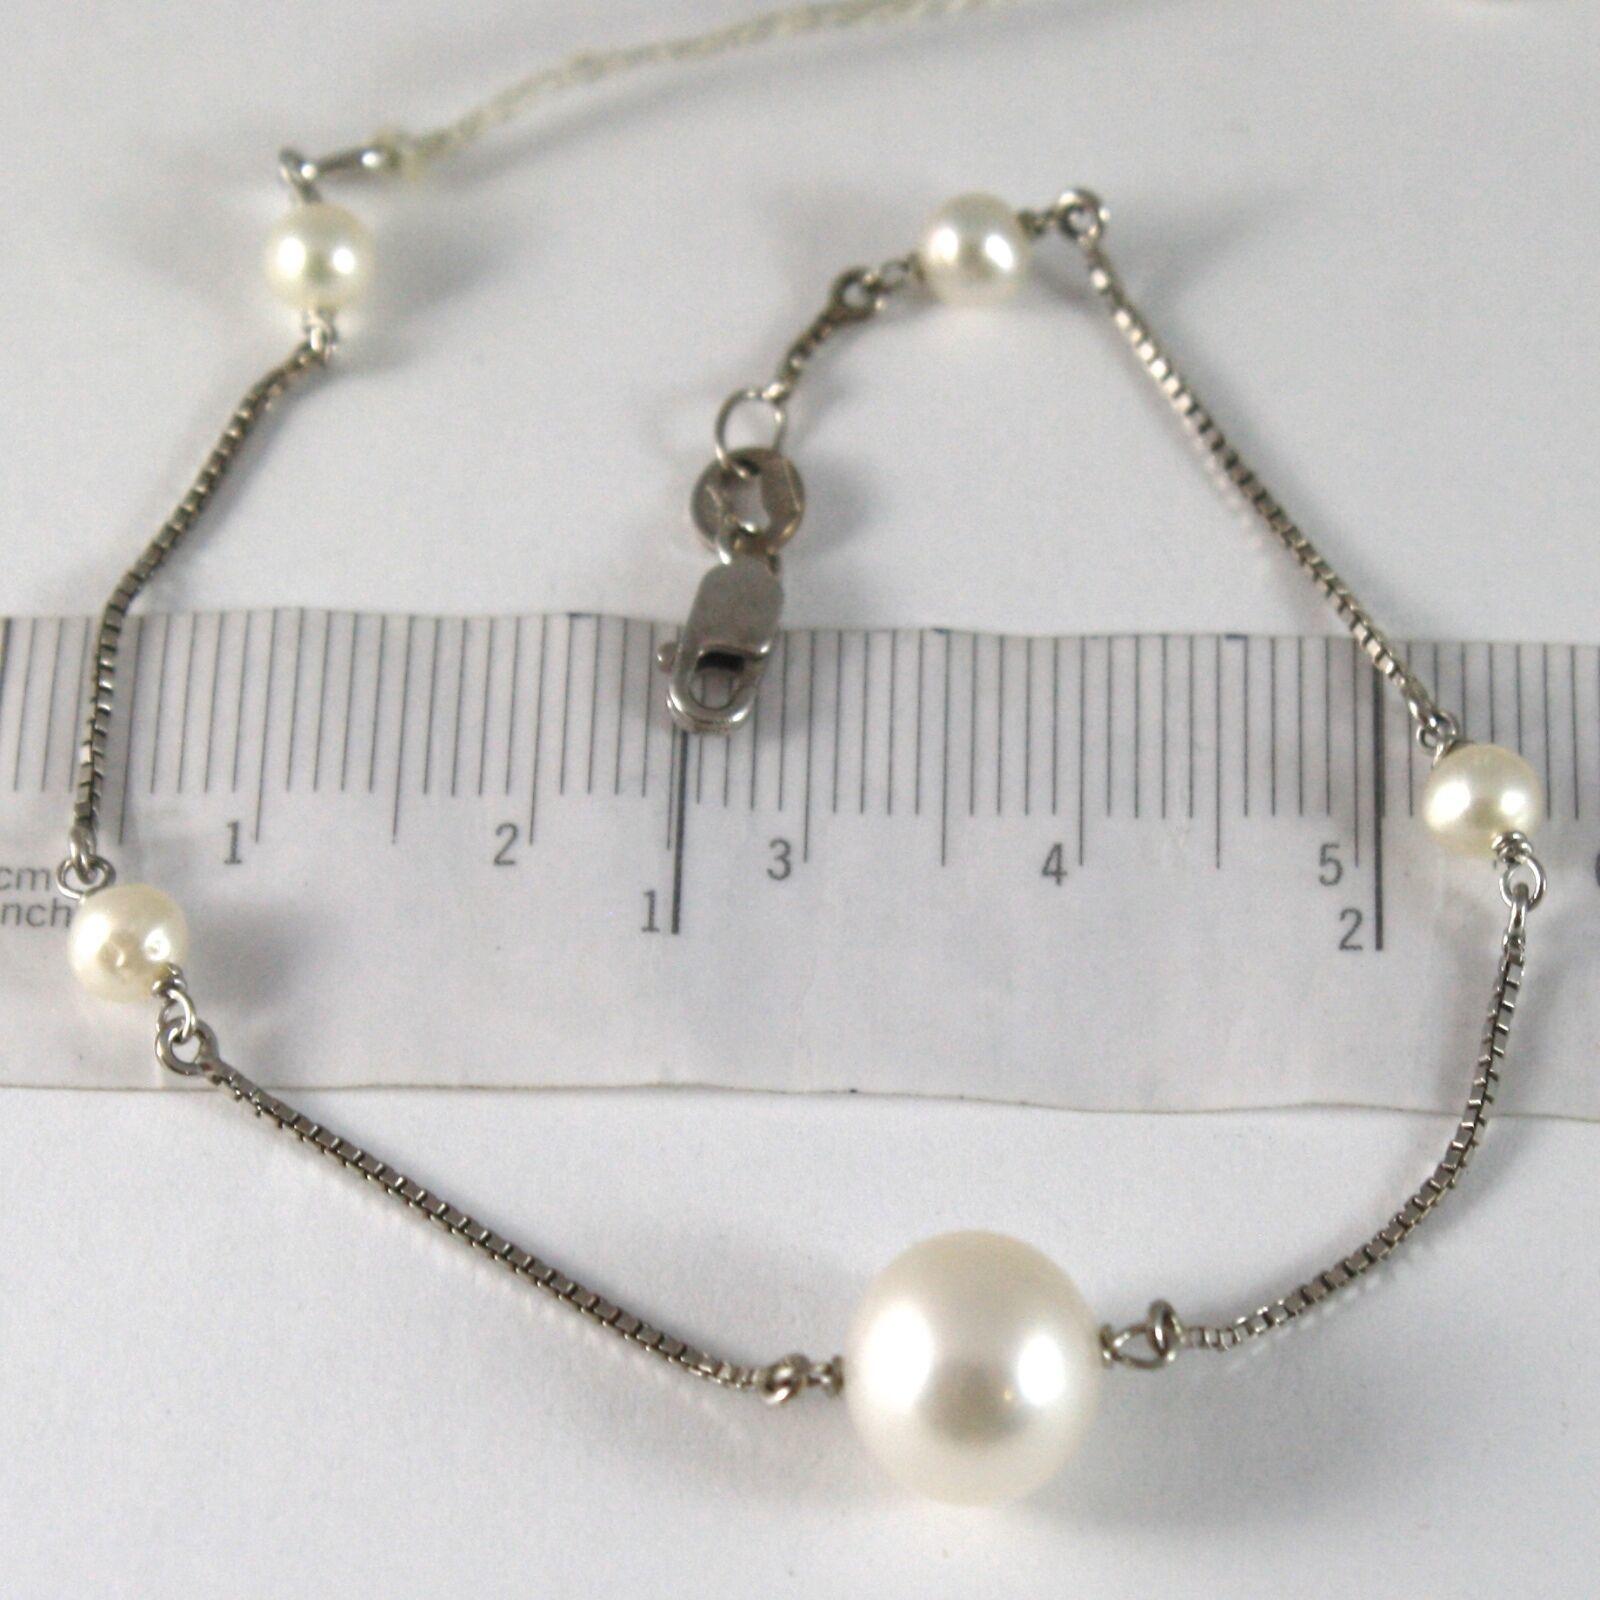 Bracelet White Gold 750 18K, White Pearls Diameter 4 and 10 mm, Chain Venetian